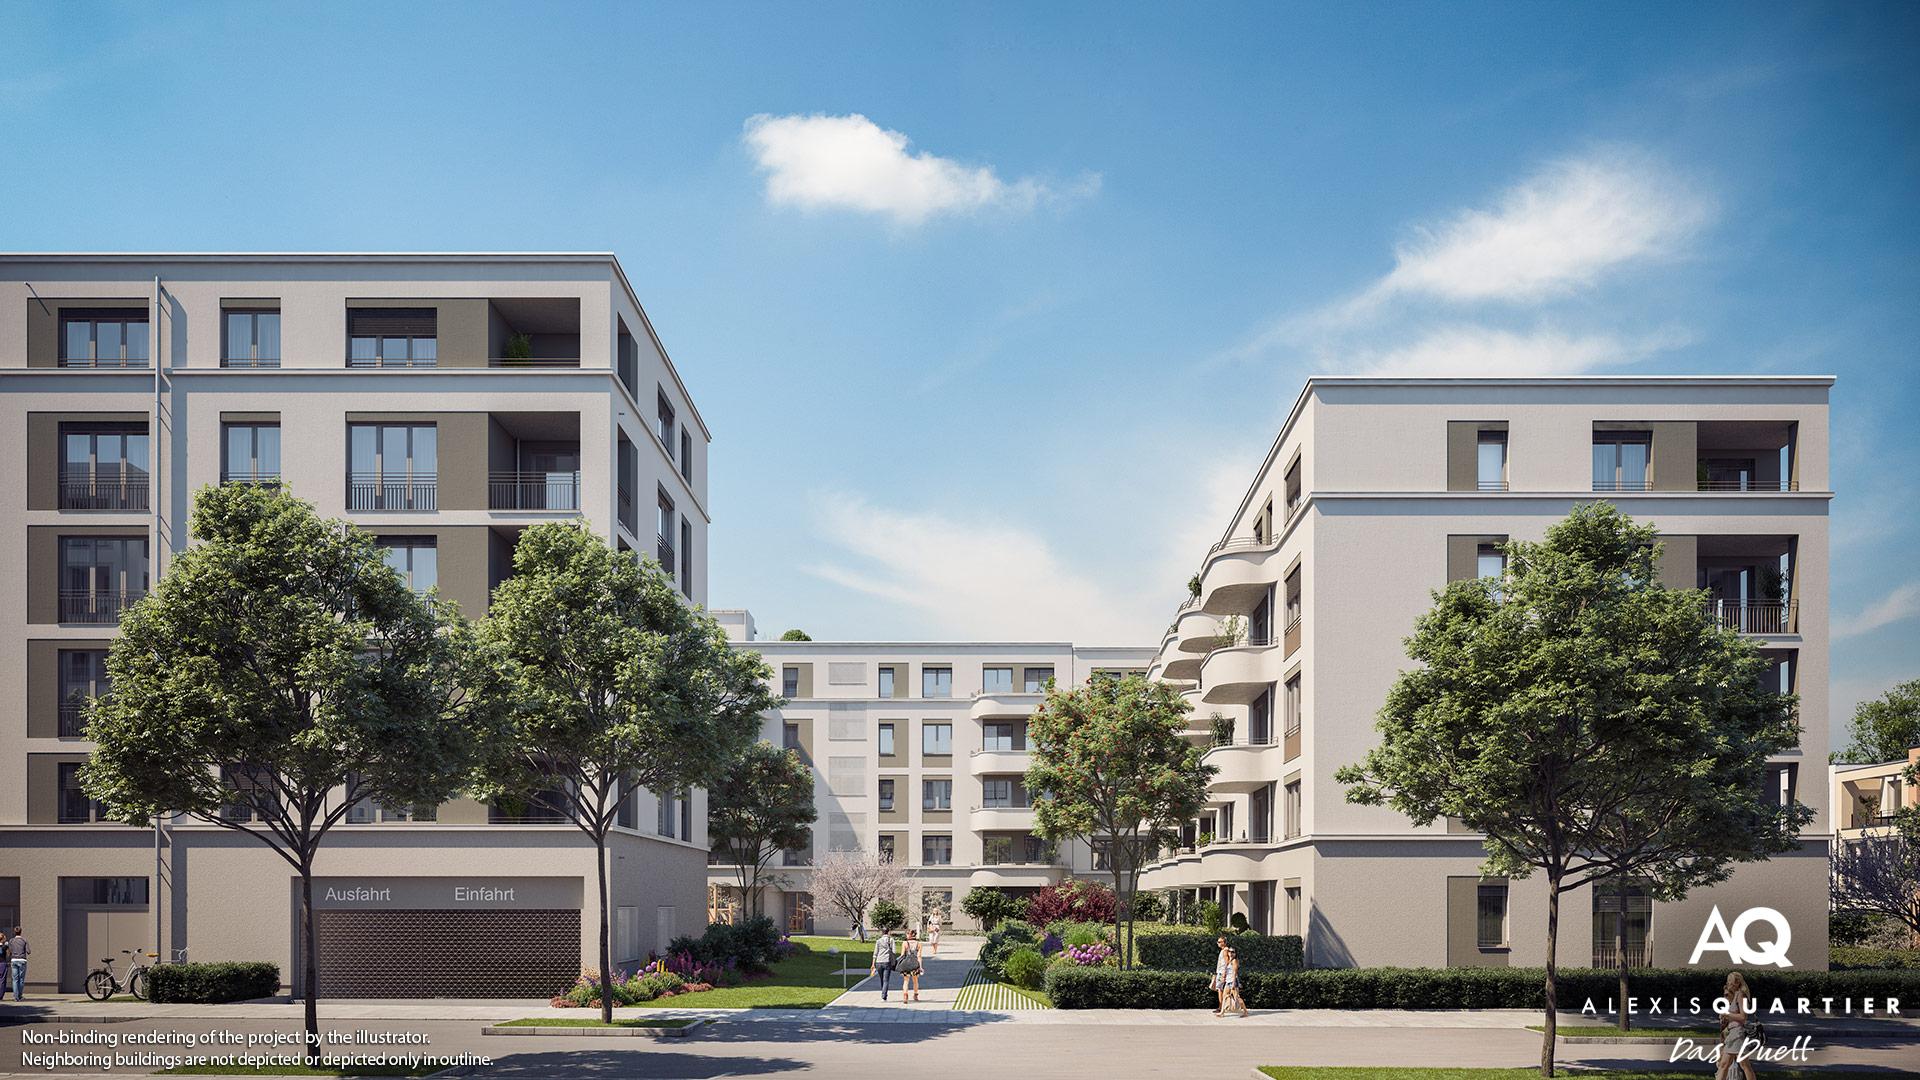 Condominiums Alexisquartier - Das Duett - Illustration 1